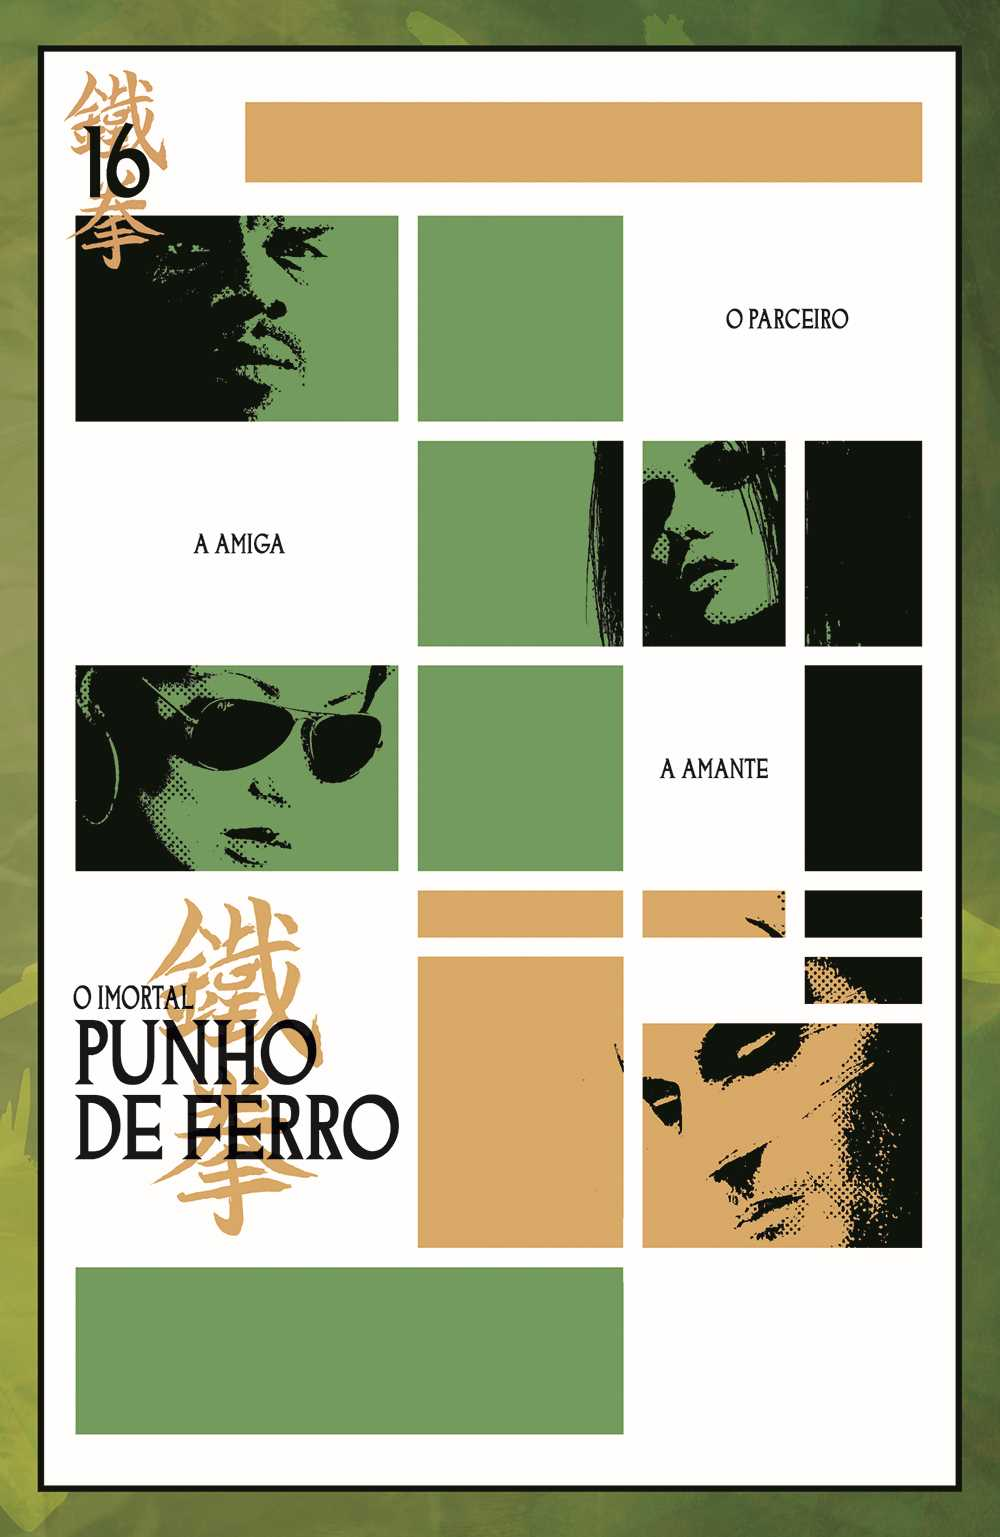 IMORTAL PUNHO DE FERRO vol. 3: O LIVRO DO PUNHO DE FERRO